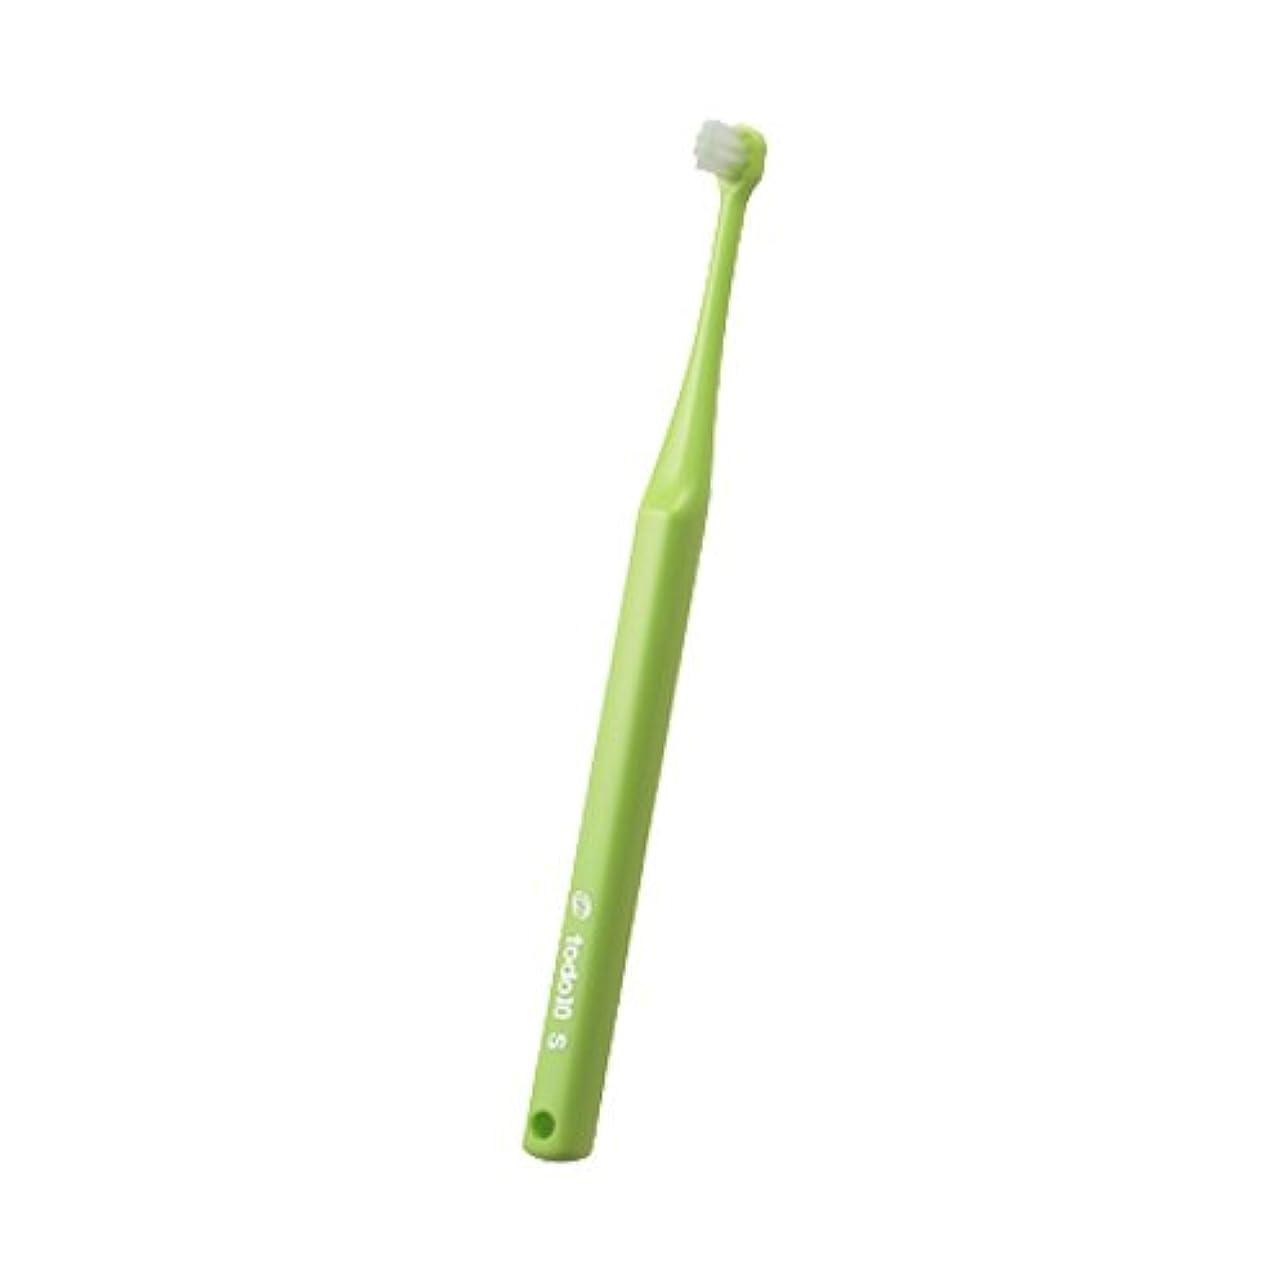 何故なの発見ダーリンオーラルケア todo10 トゥードゥー ? テン 歯ブラシ 1本 グリーン